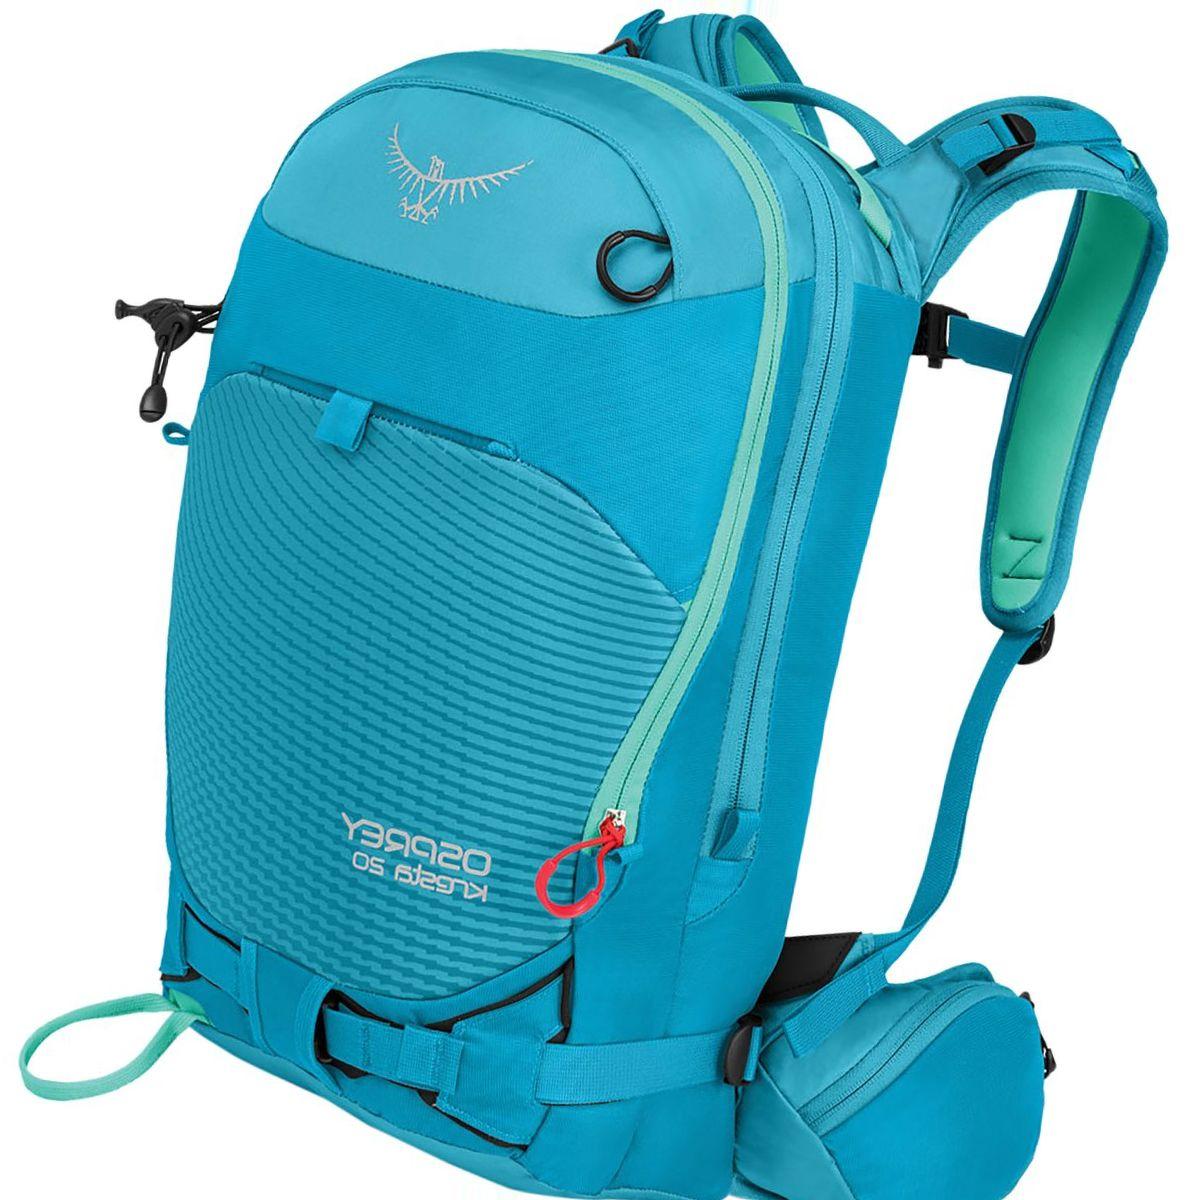 Osprey Packs Kresta 20L Backpack - Women's